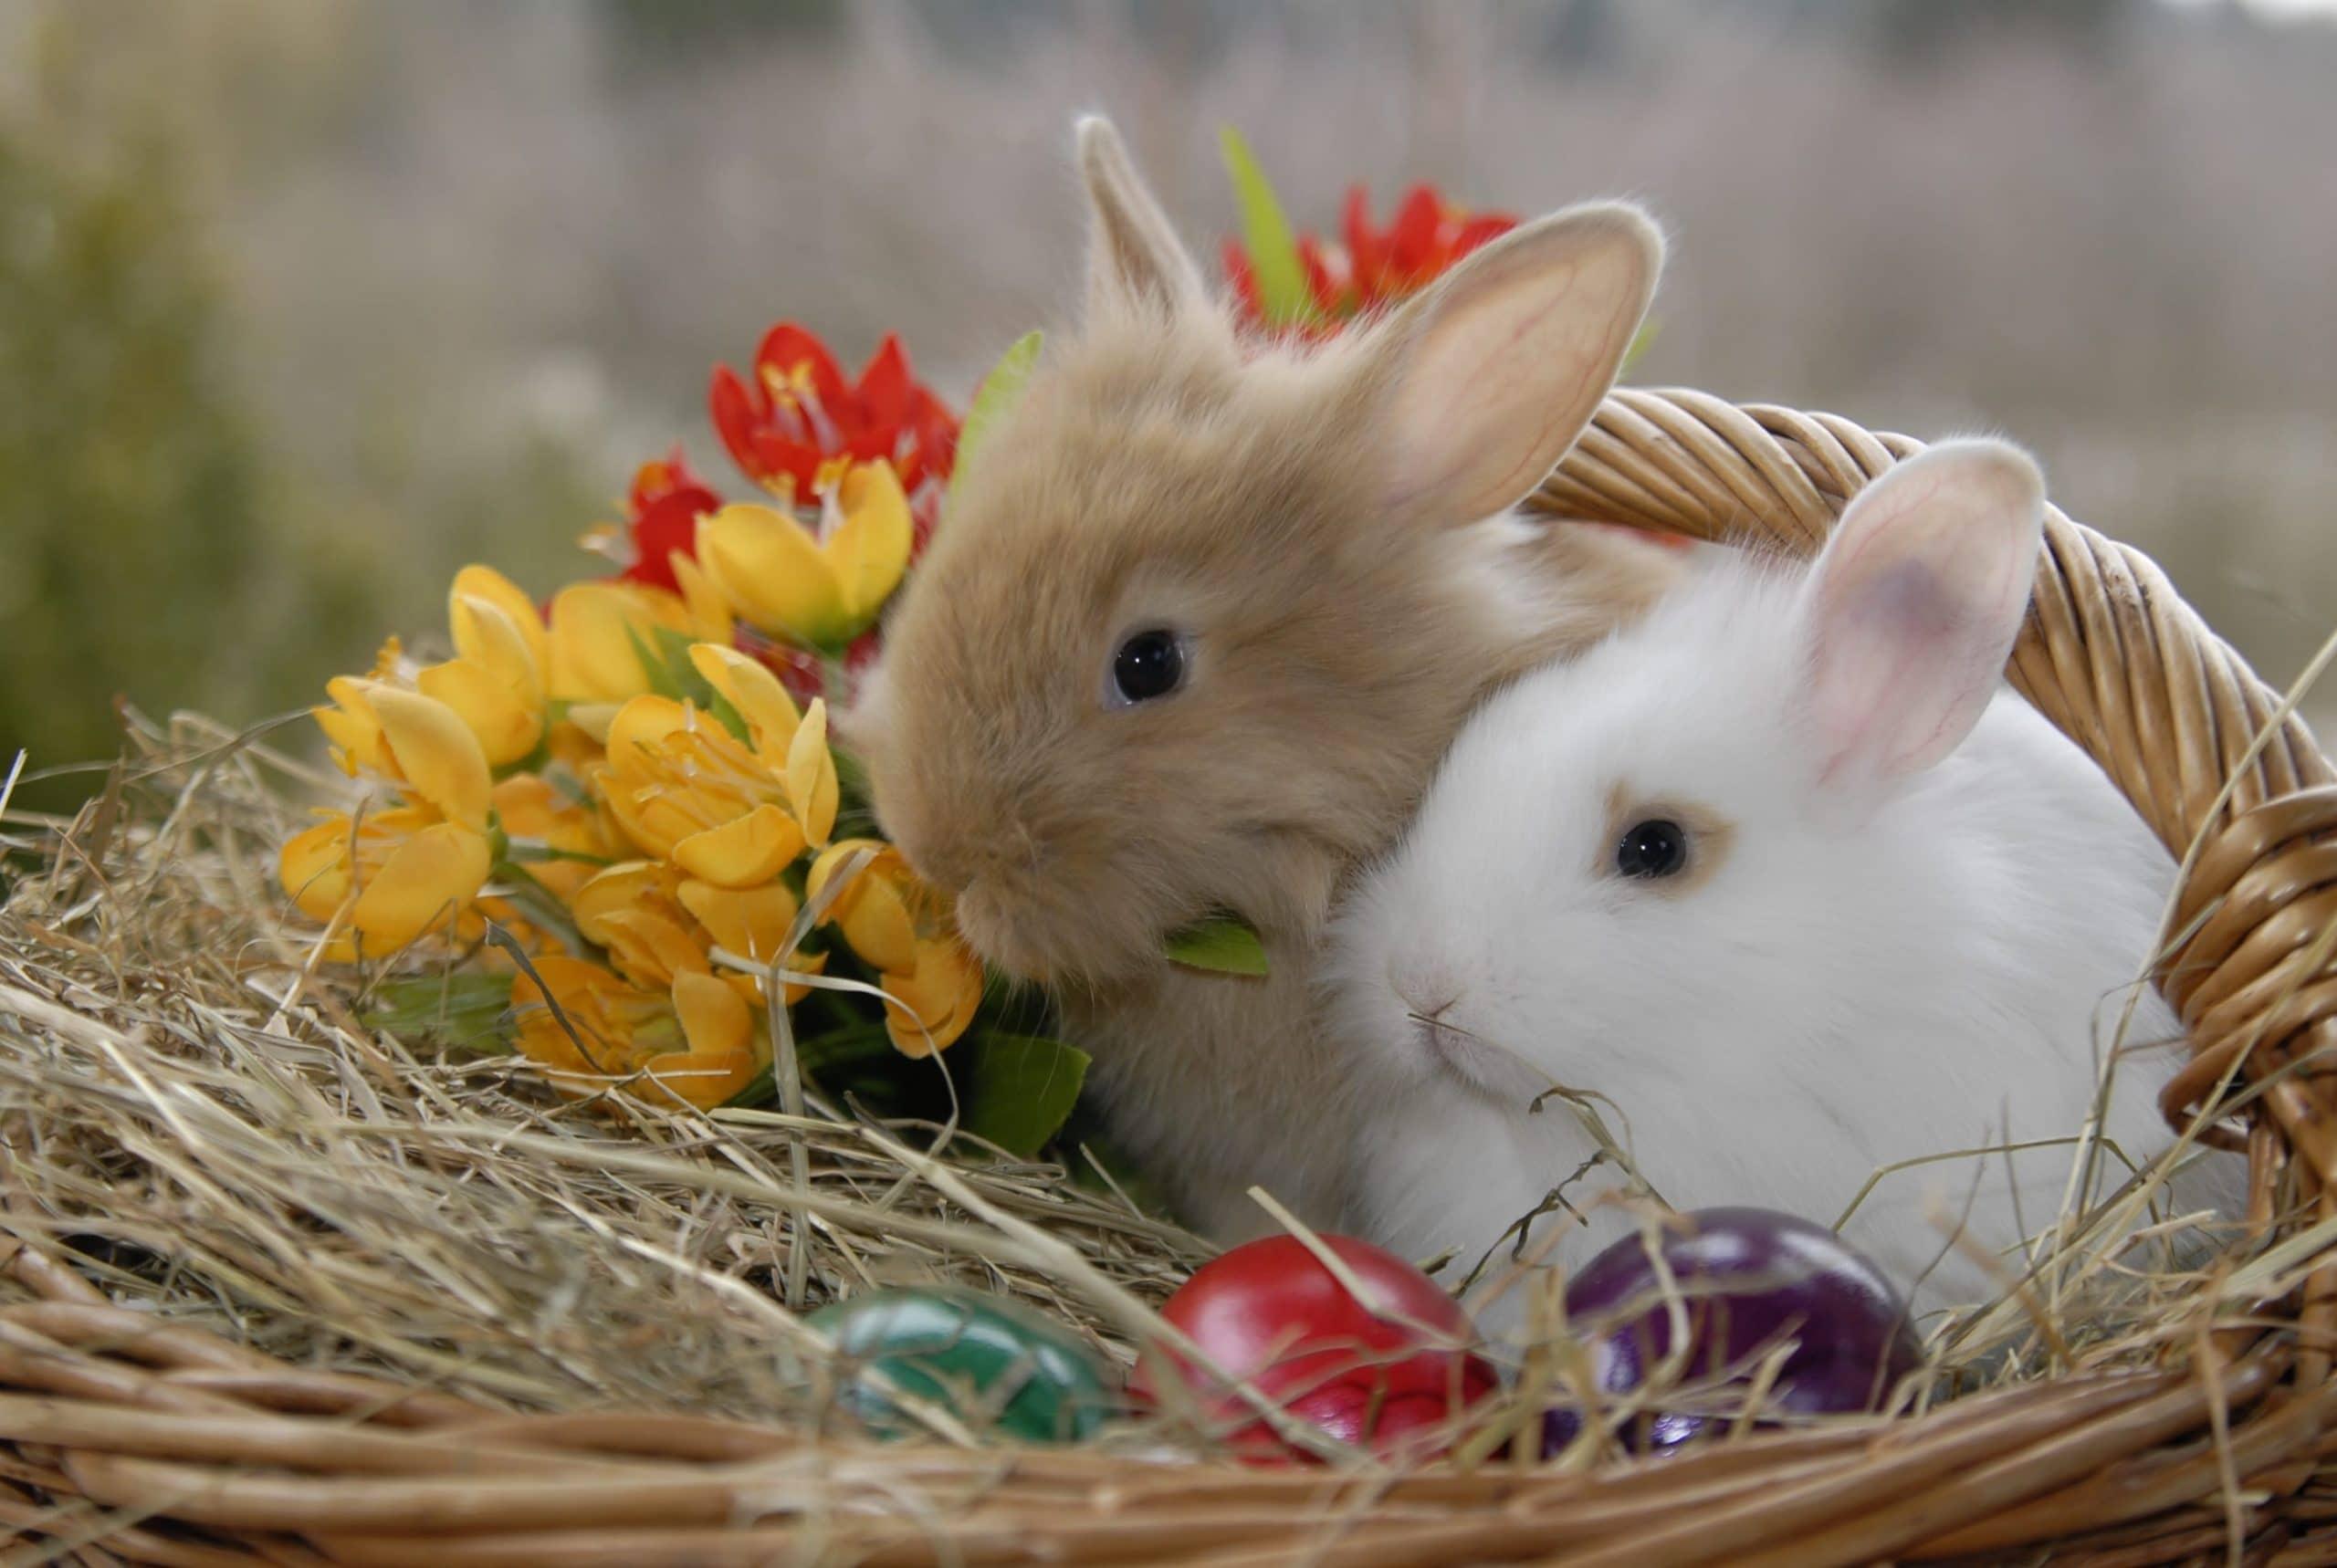 Pourquoi les lapins pondent des œufs?